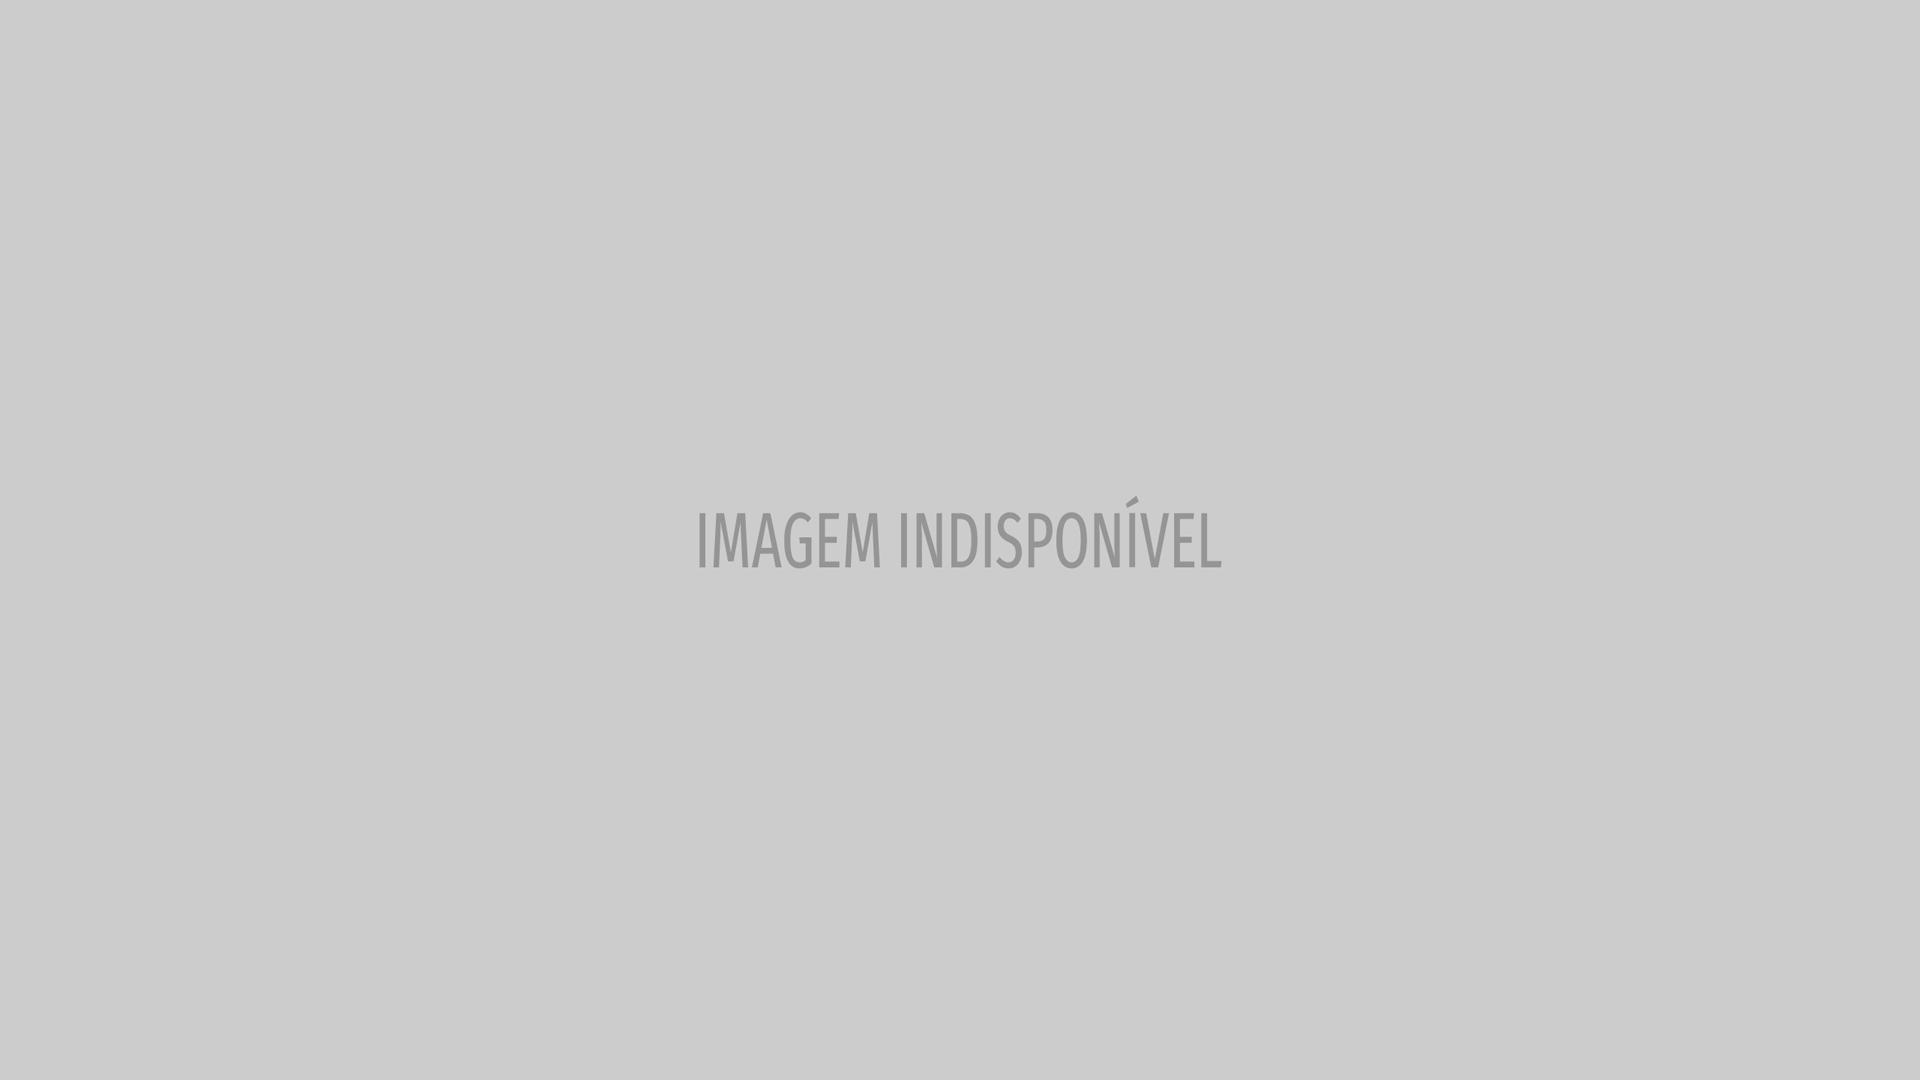 Oficial: Paulo Fonseca renova pelo Shakhtar Donetsk